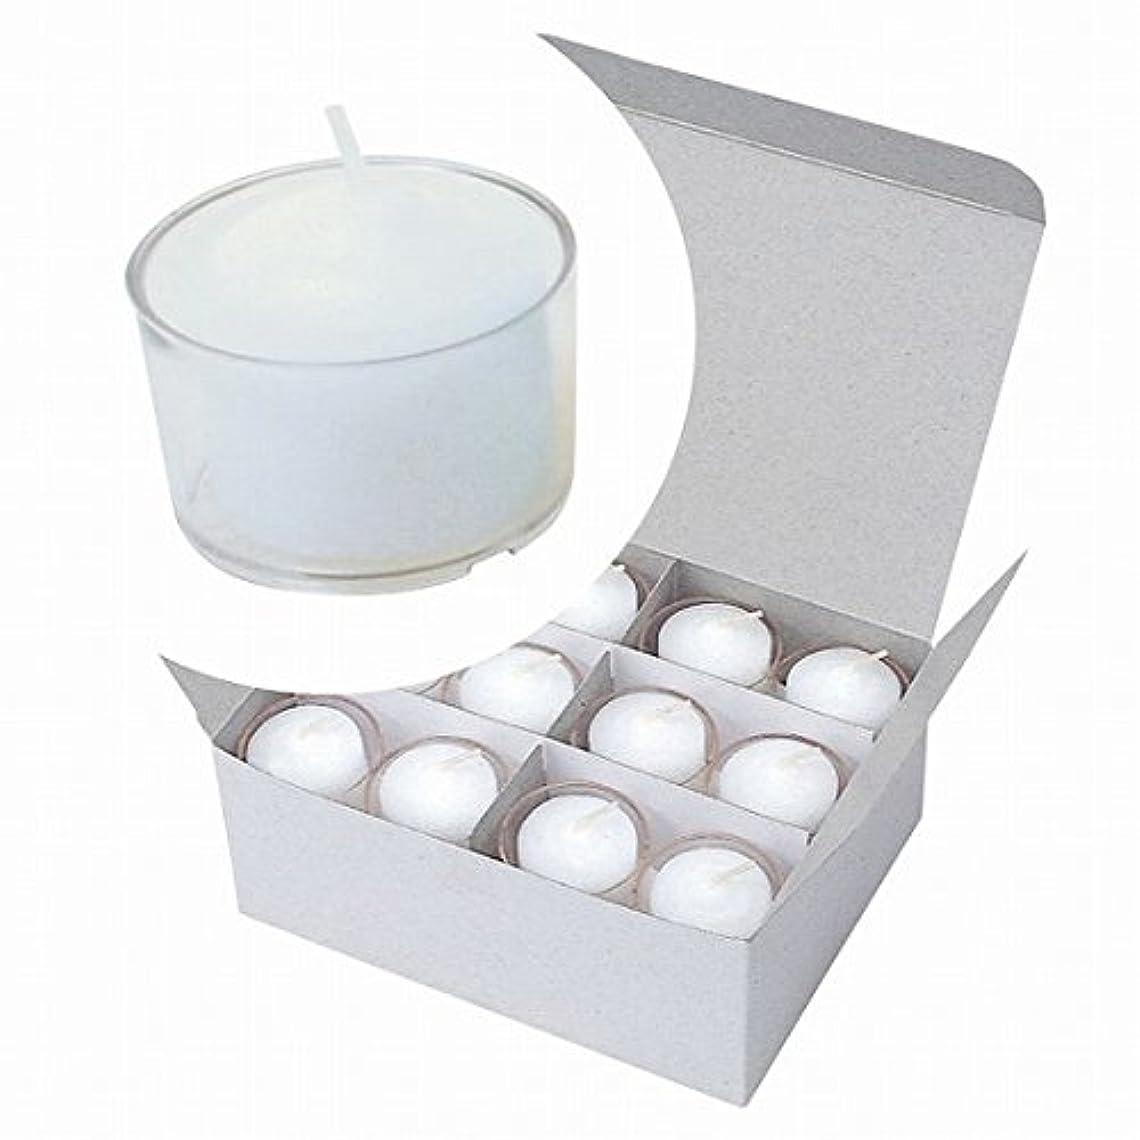 差別的リゾート進化カメヤマキャンドル(kameyama candle) カラークリアカップボーティブ6時間タイプ 24個入り 「 クリア 」